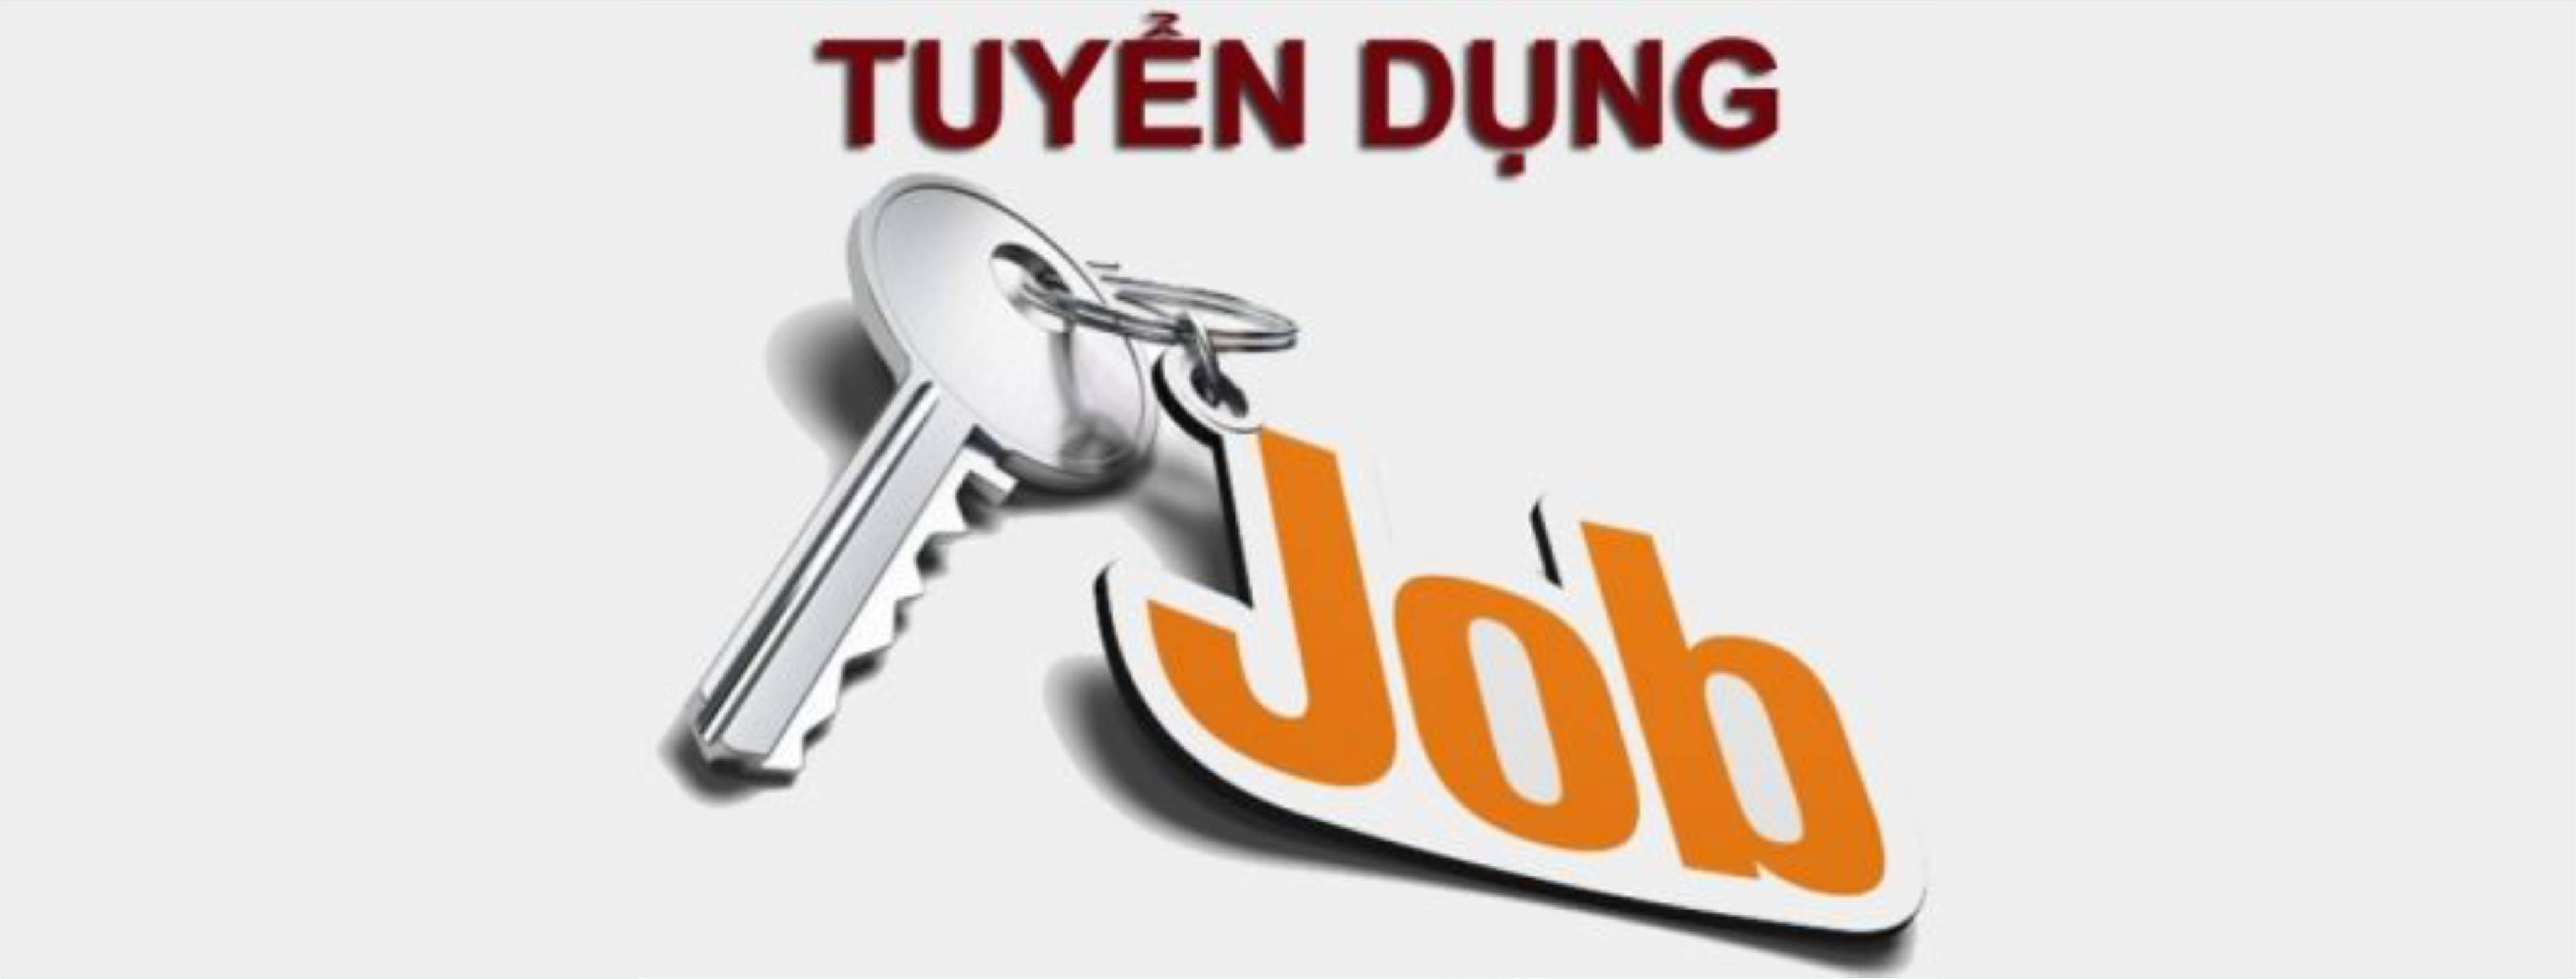 Công ty cổ phần thép Hòa Phát Dung Quất thông báo tuyển dụng lao động